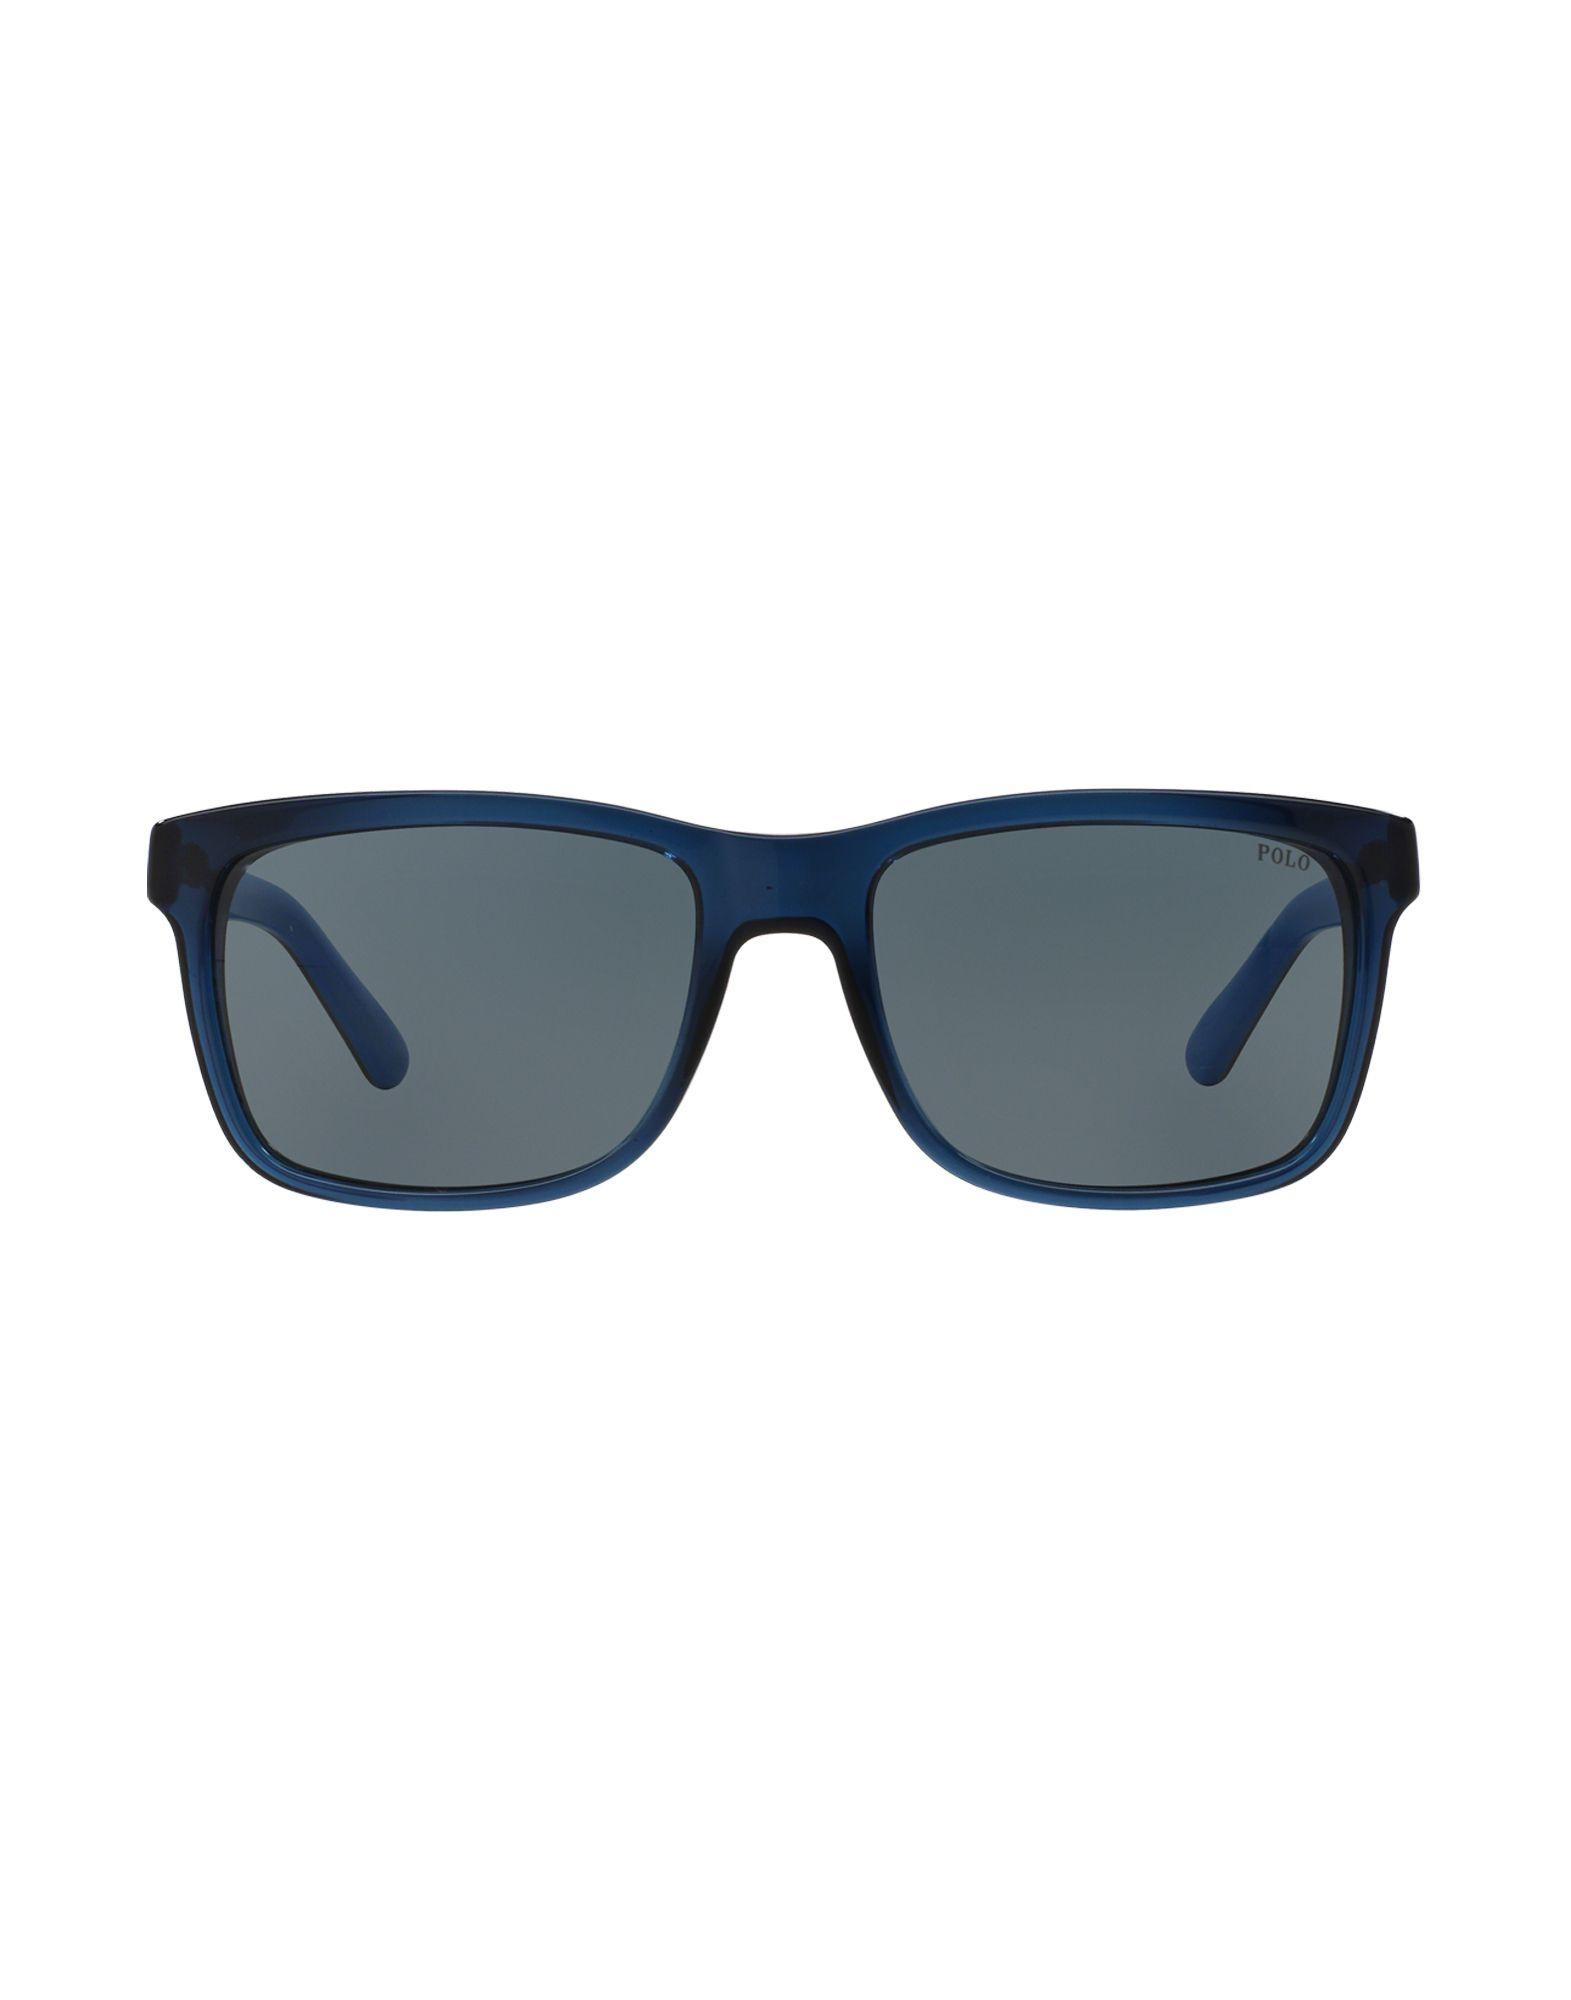 cf32e7cd39 Lyst - Polo ralph lauren Sunglasses in Blue for Men